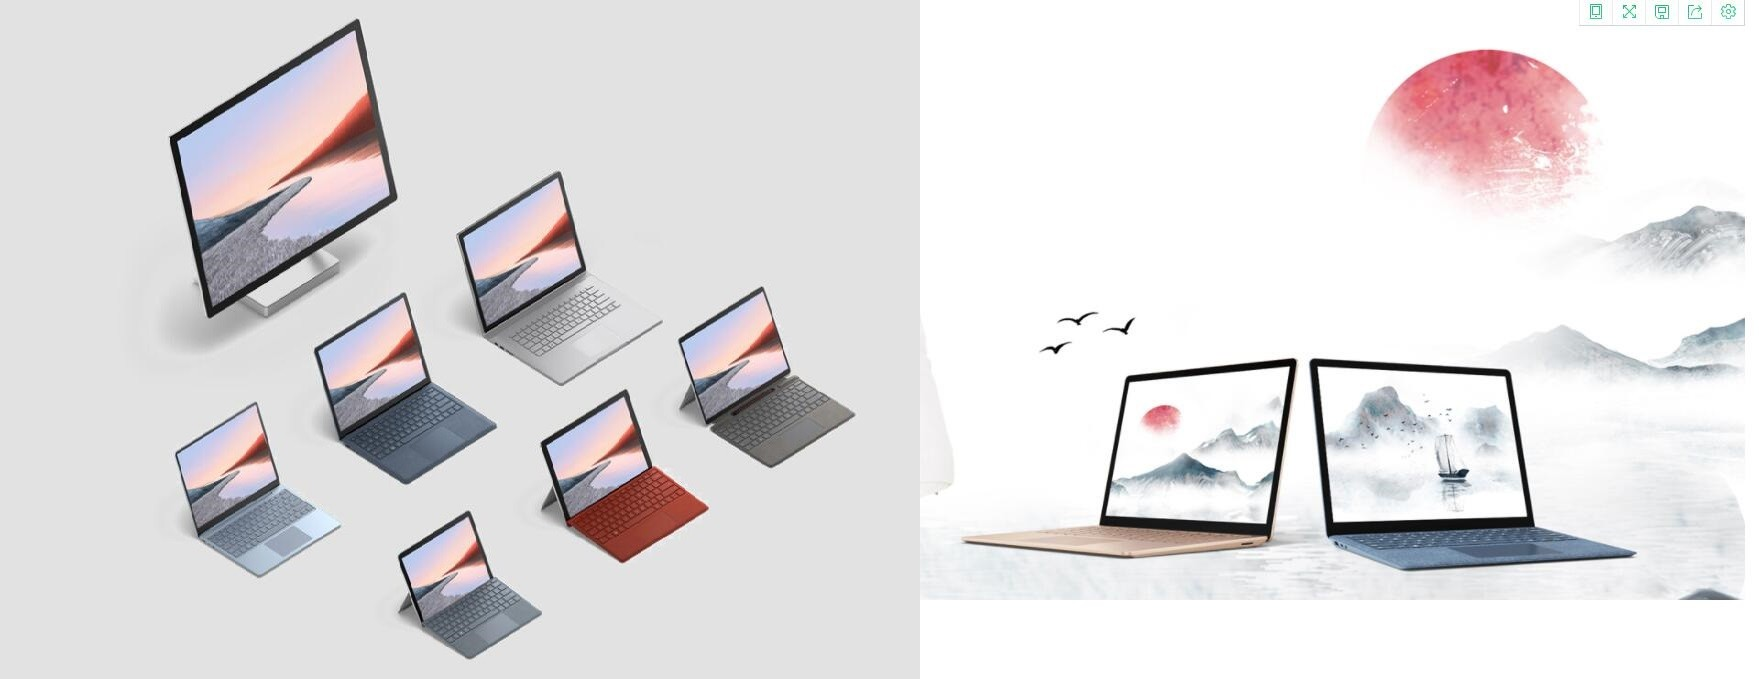 布新维修surface电脑不开机